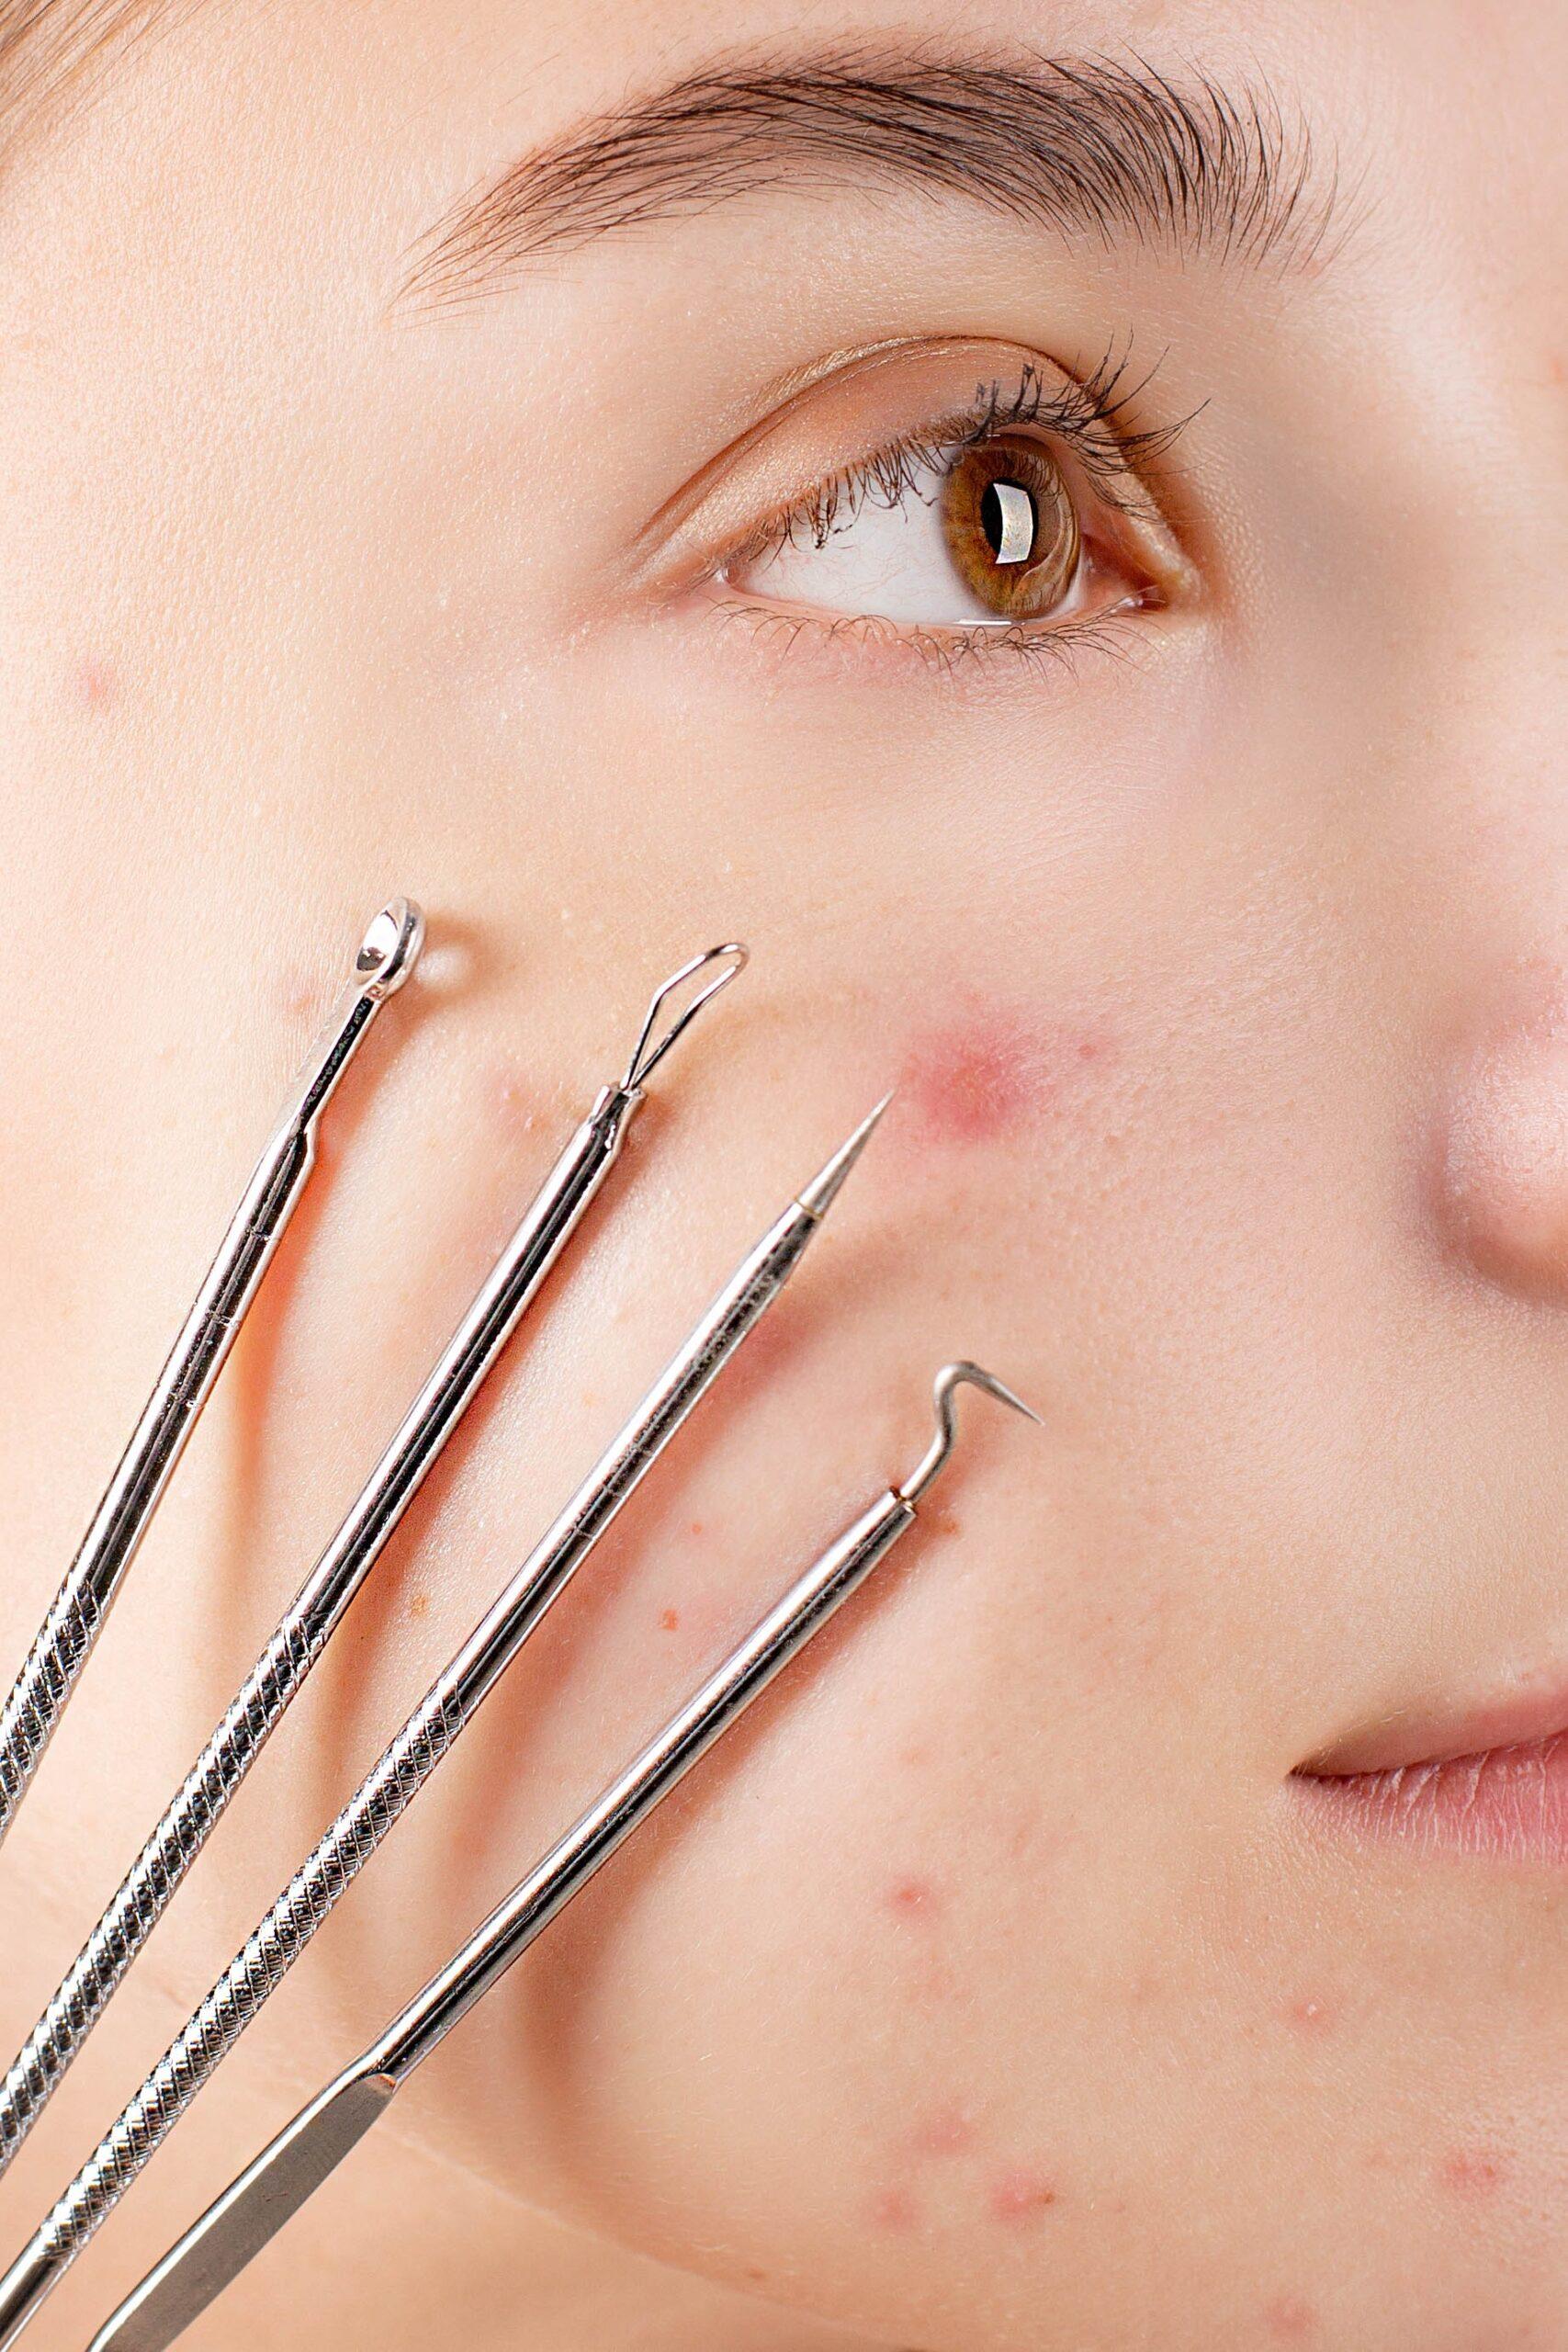 Common Acne Myths